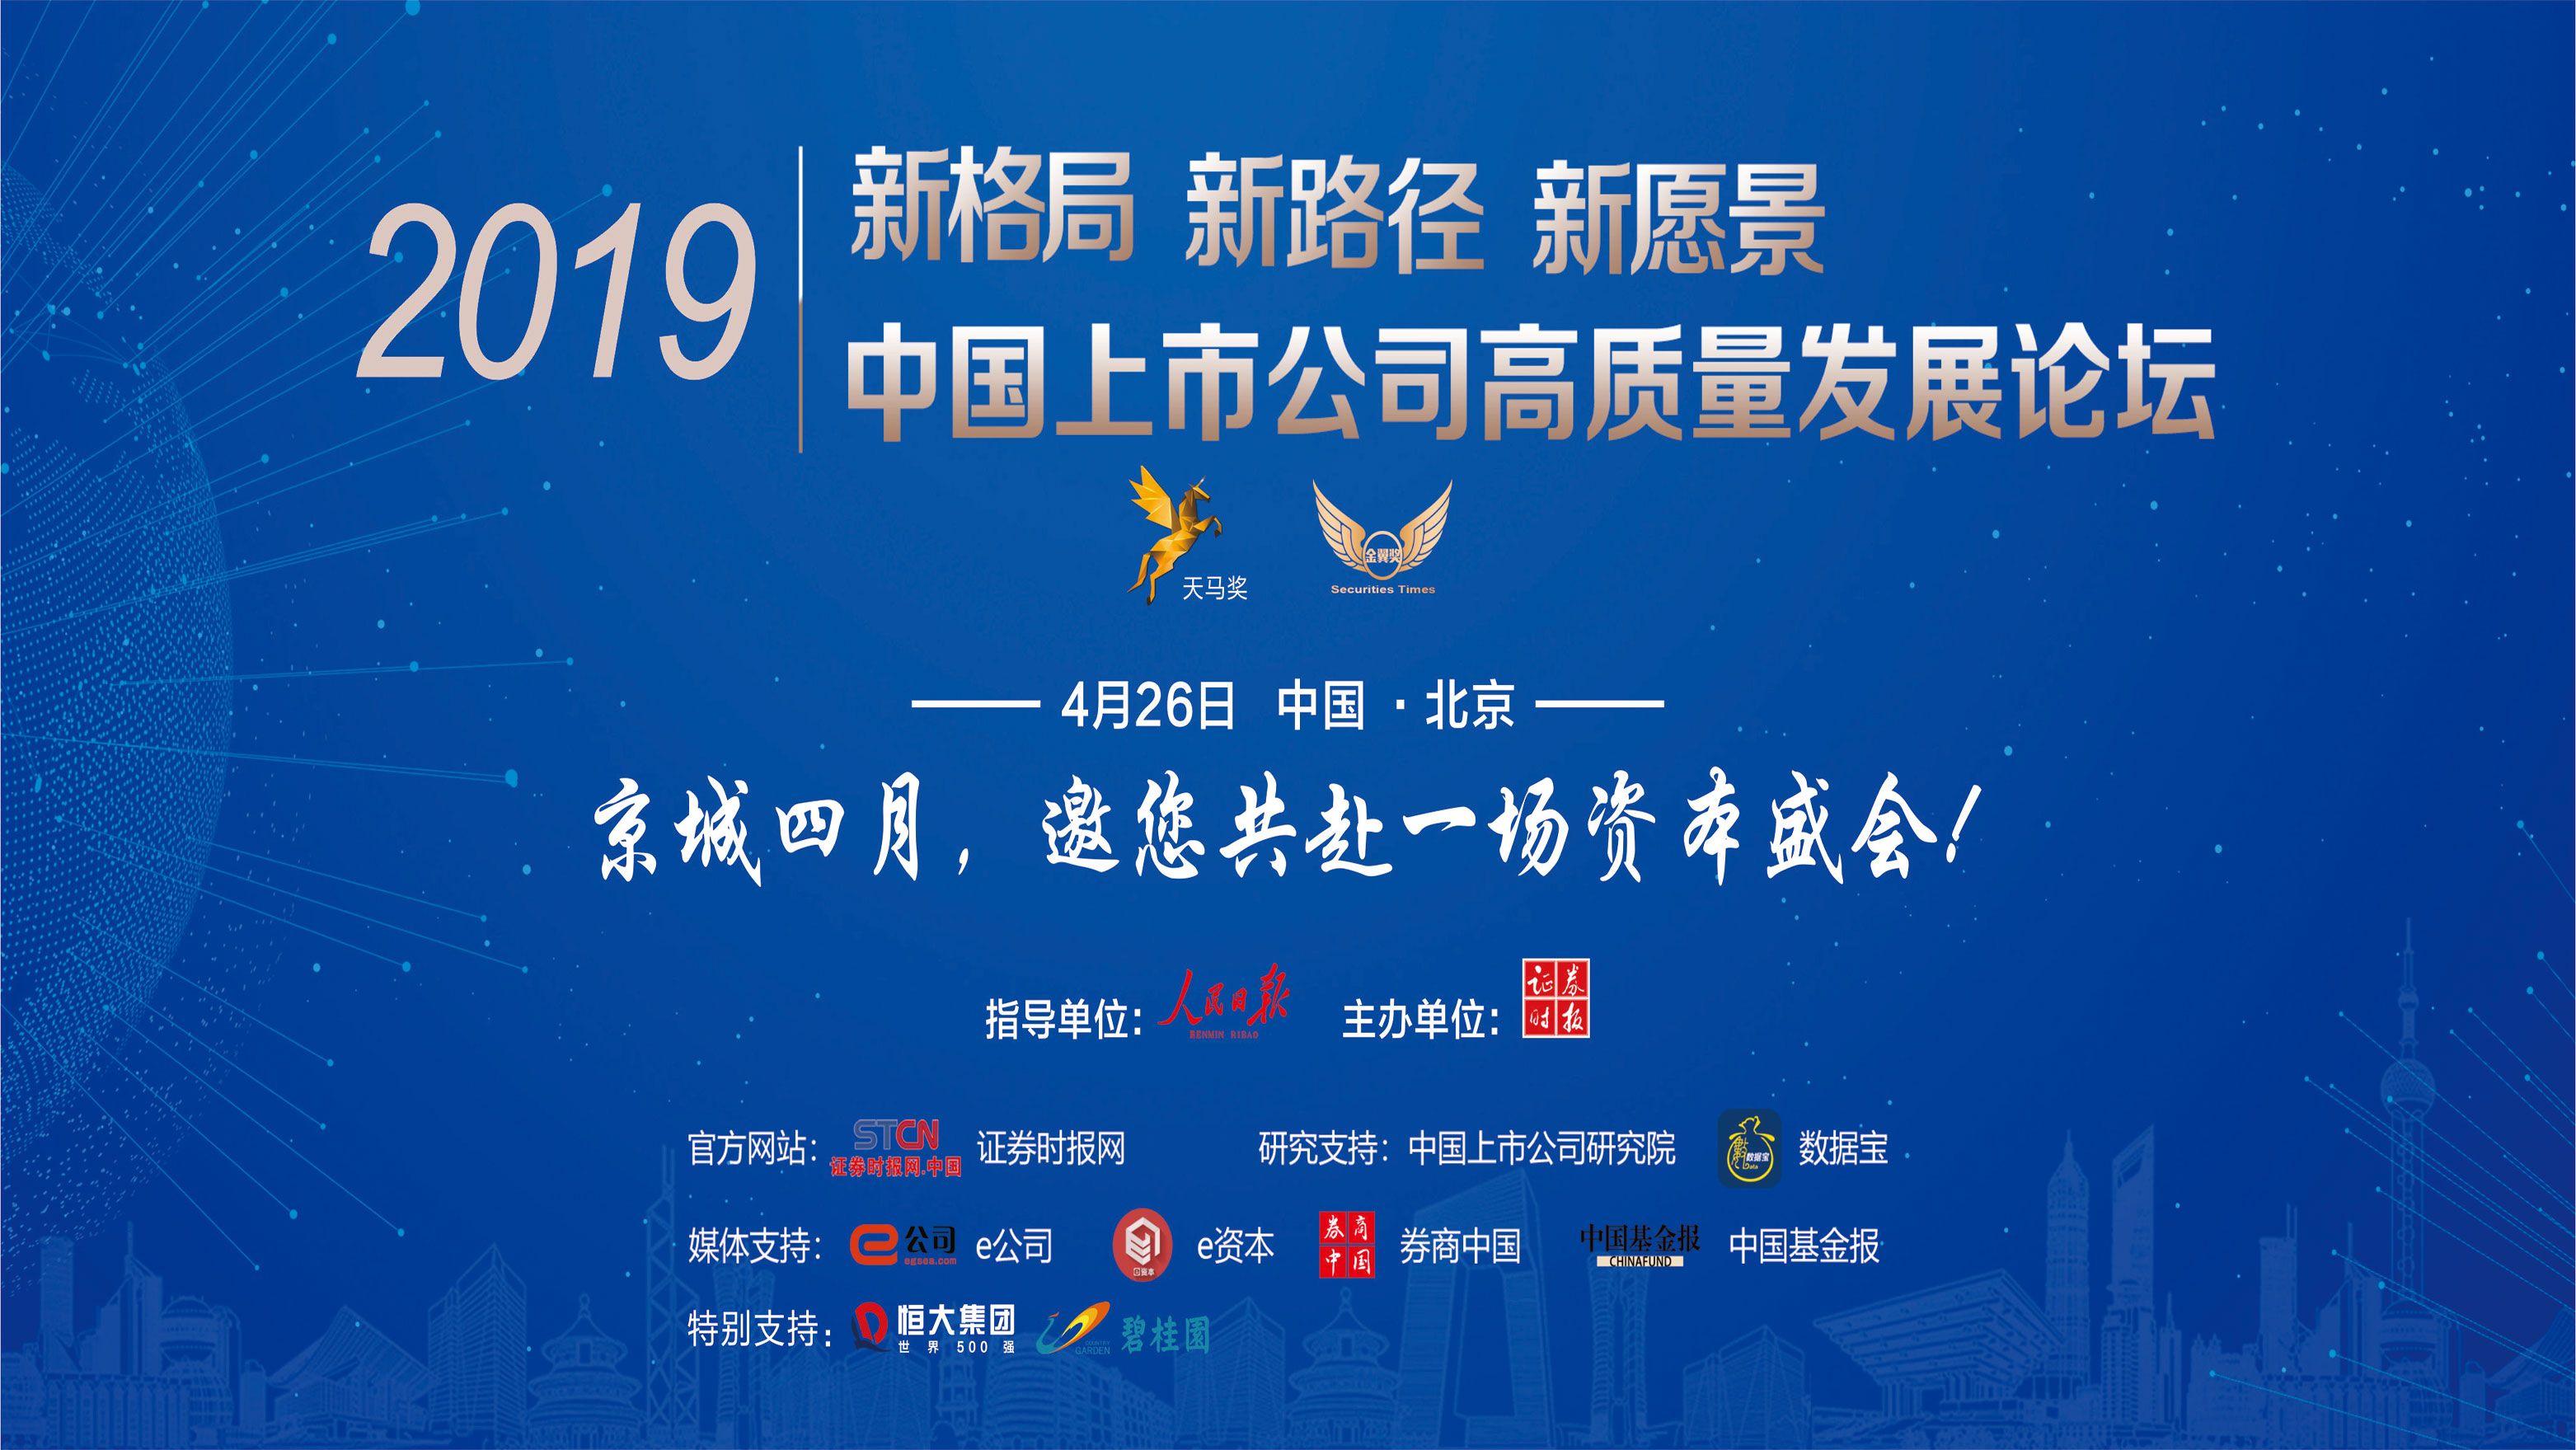 2019中国上市公司高质量发展论坛